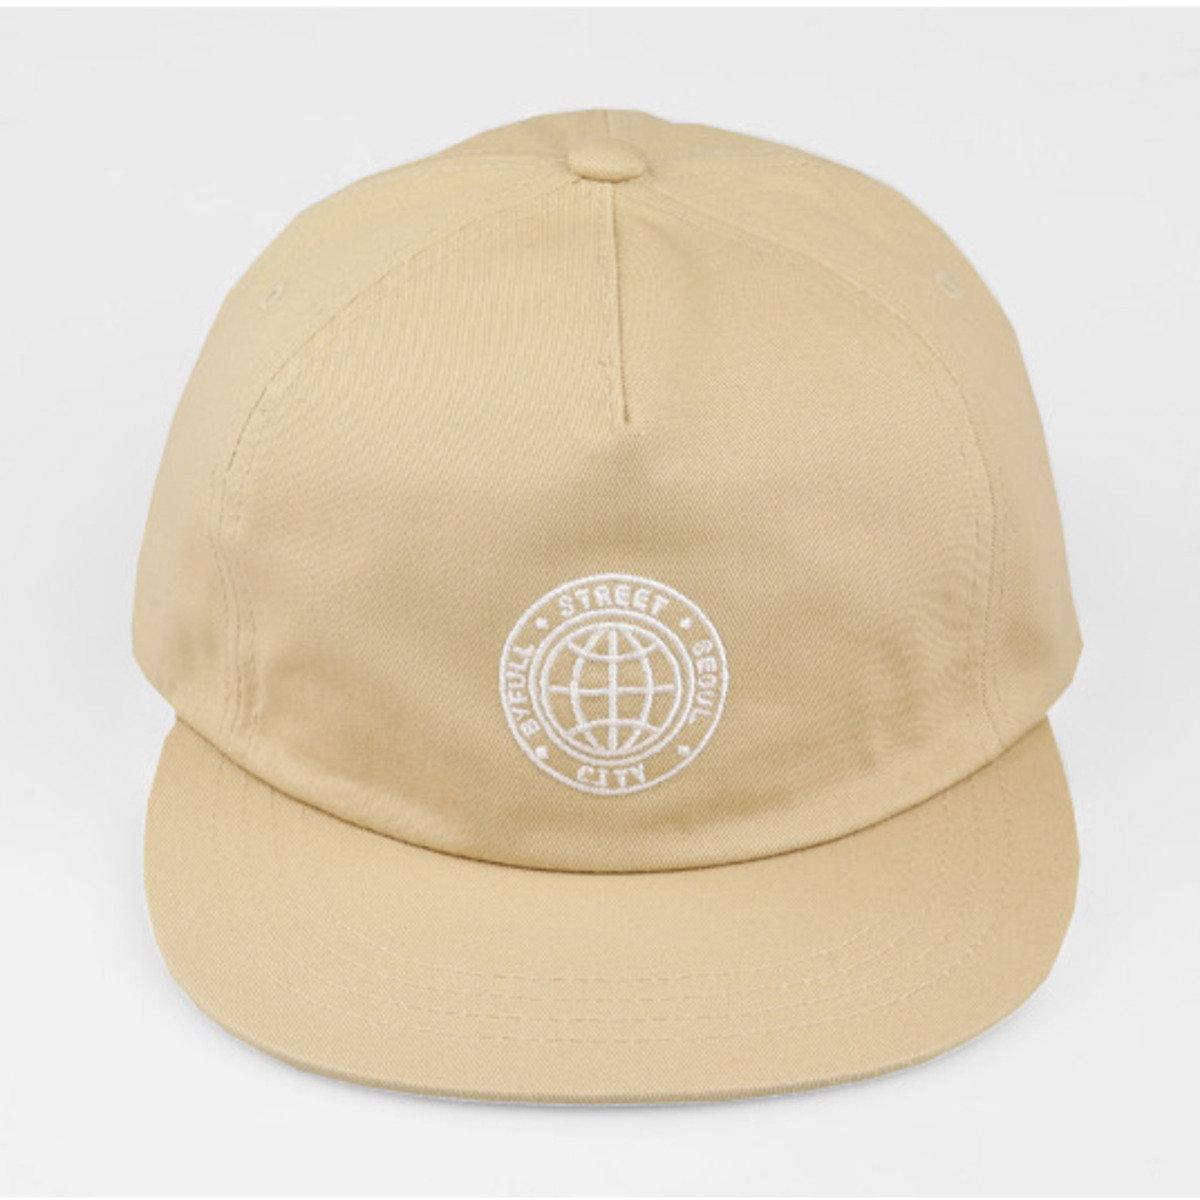 Street 棒球帽_CA1_160308035